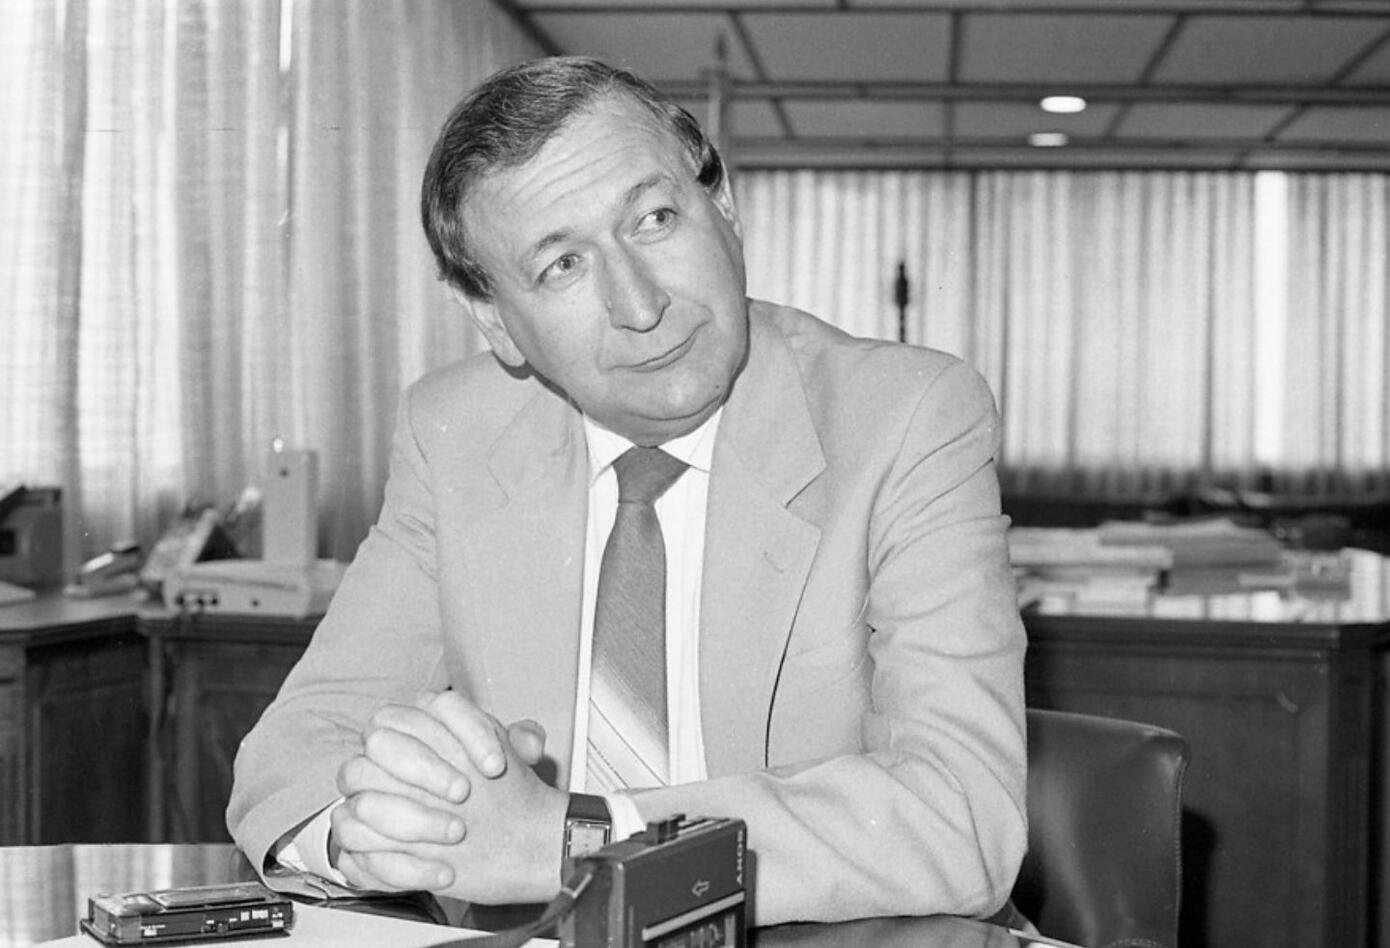 El procurador Carlos Mauro Hoyos fue secuestrado el 25 de enero de 1988 cuando se dirigía al aeropuerto José María Córdoba de Rionegro (Antioquia). Poco después fue asesinado.